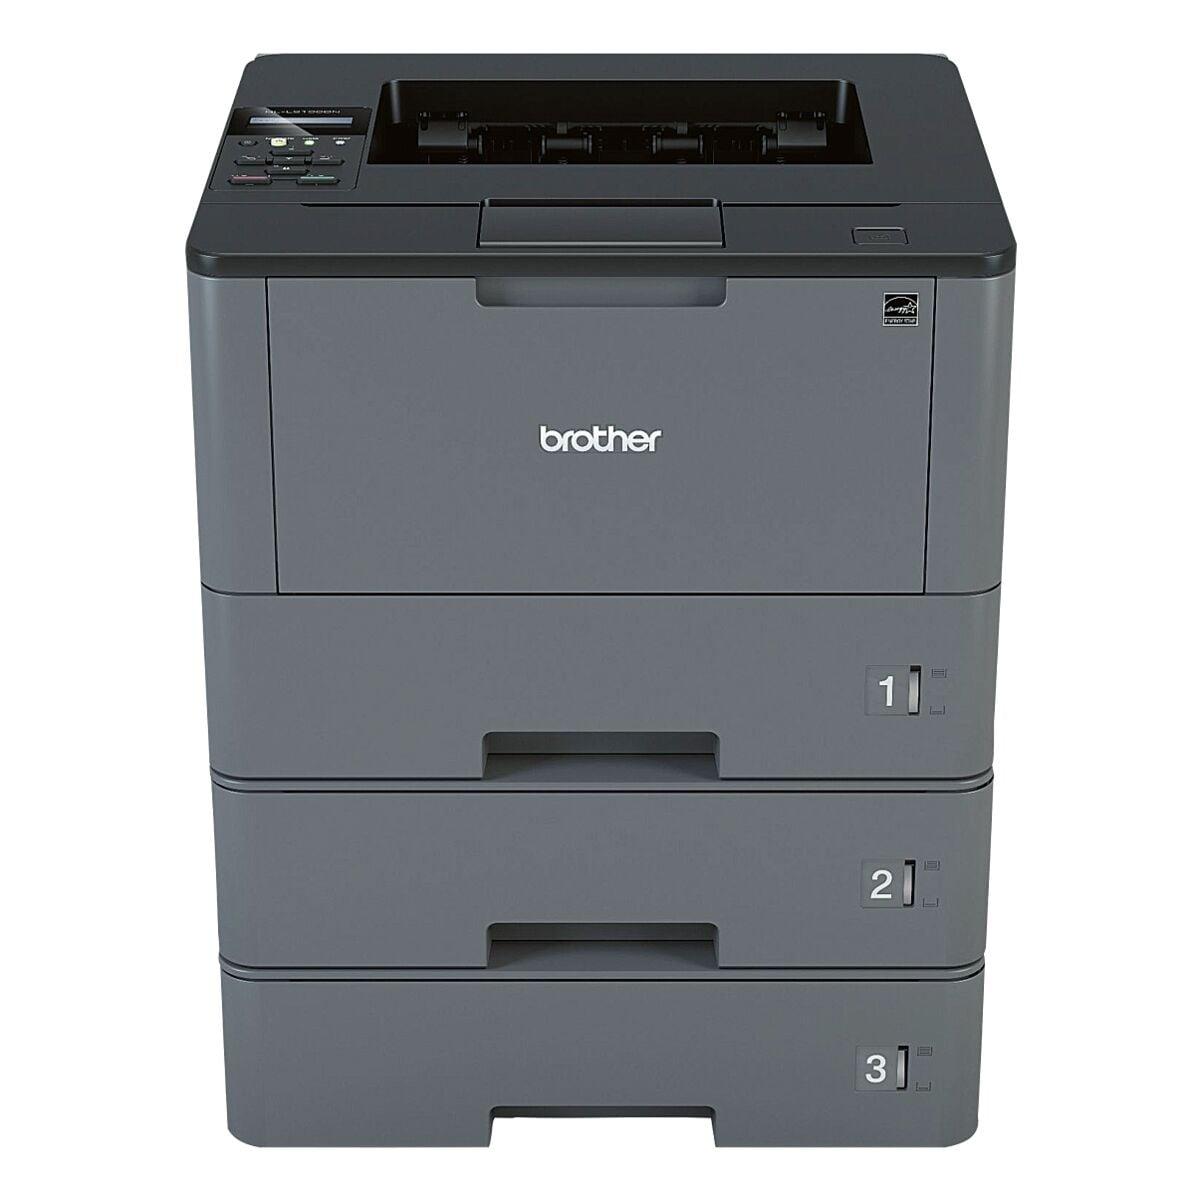 Brother HL-L5100DNTT Laserdrucker, A4 schwarz weiß Laserdrucker, 1200 x 1200 dpi, mit LAN